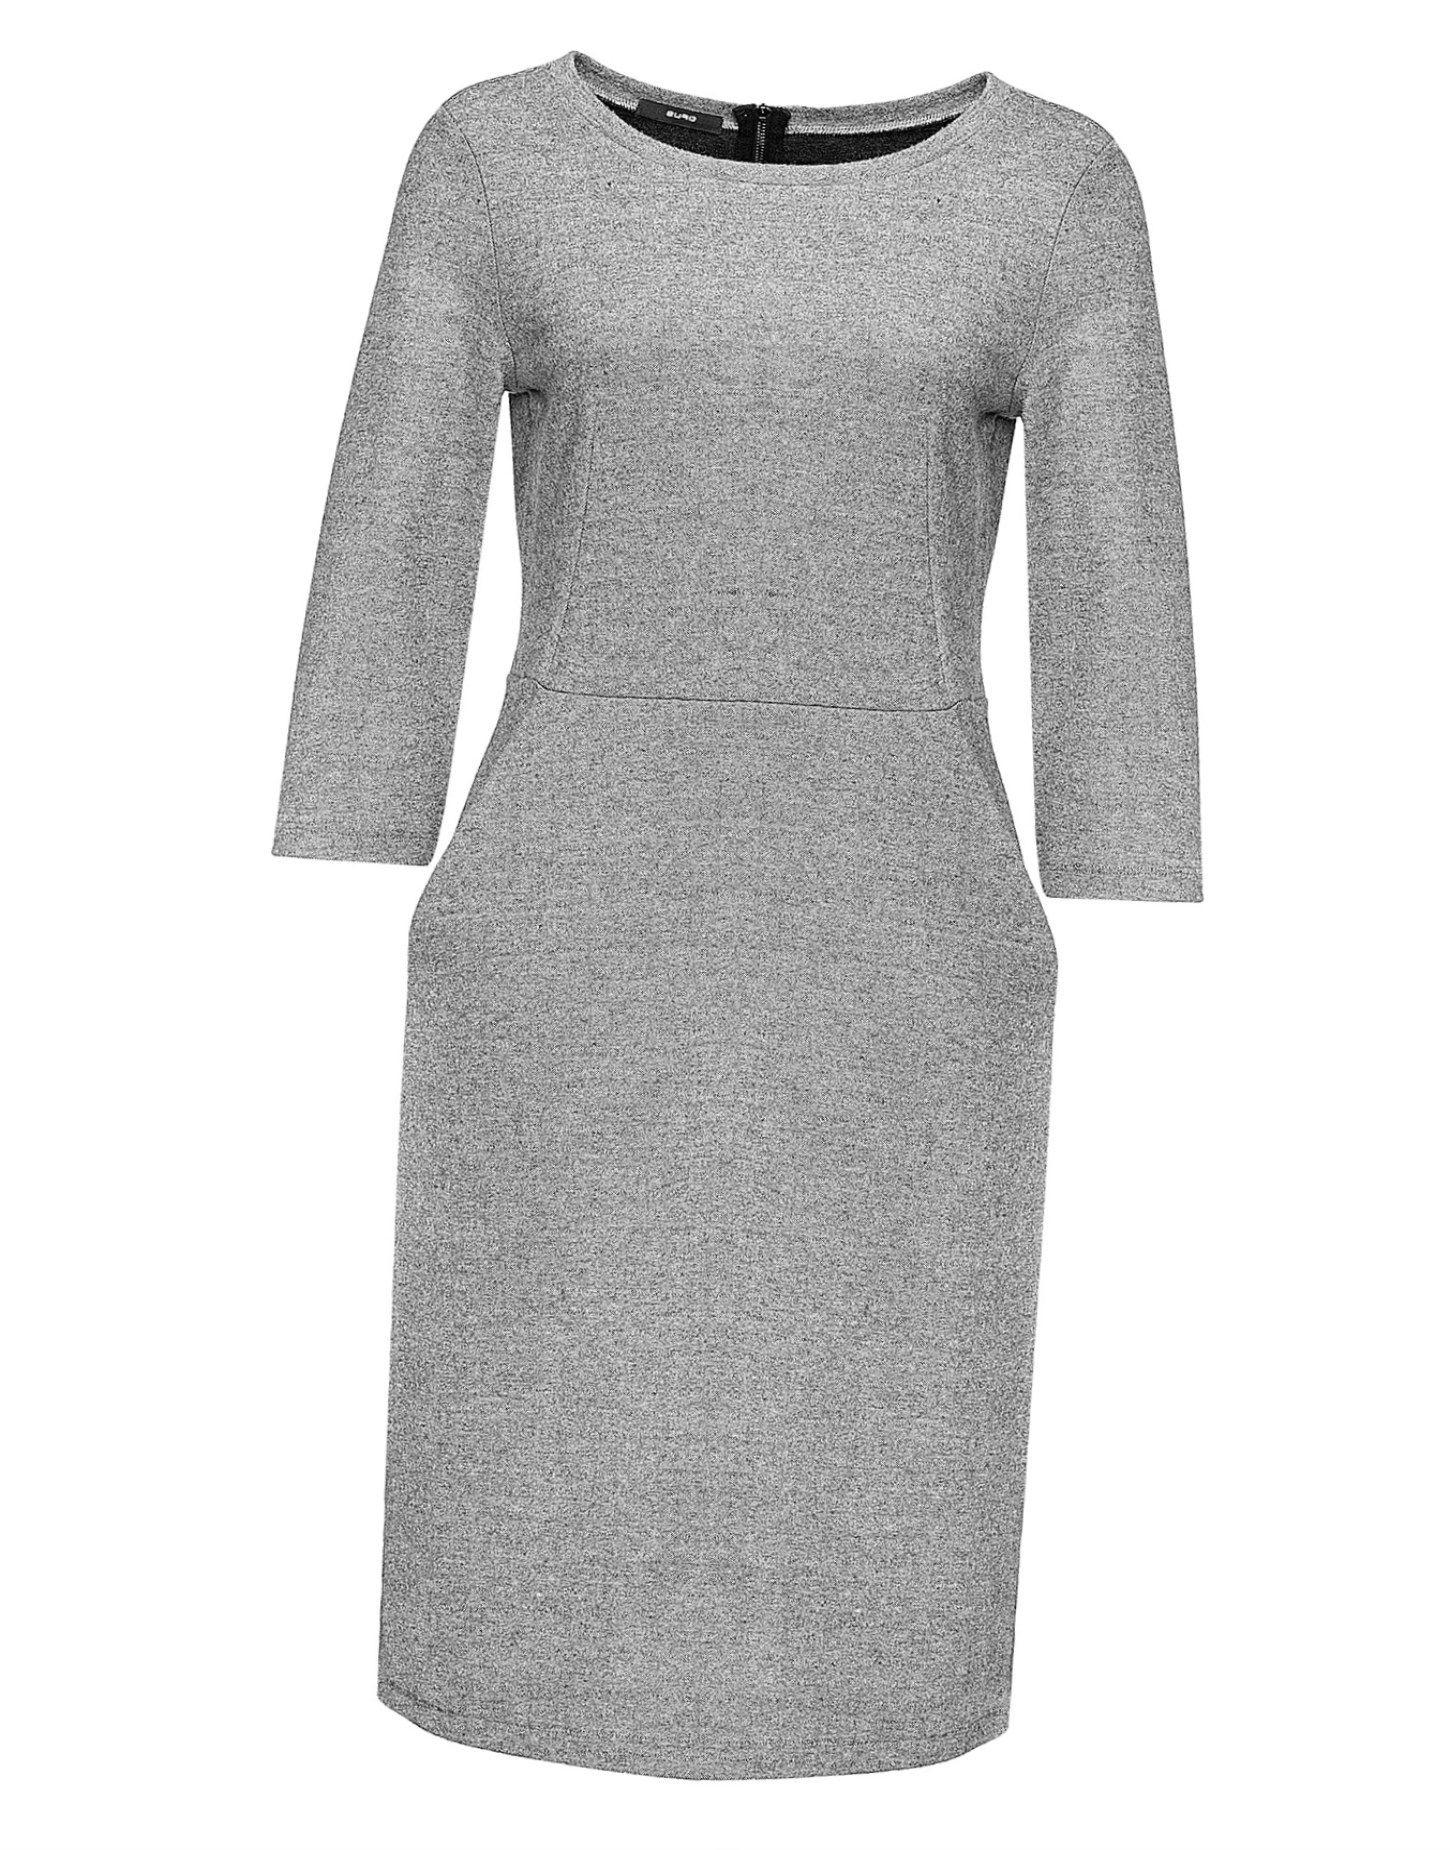 Wollkleid Damen  Modetrends 2020  Die Top 20 Mit